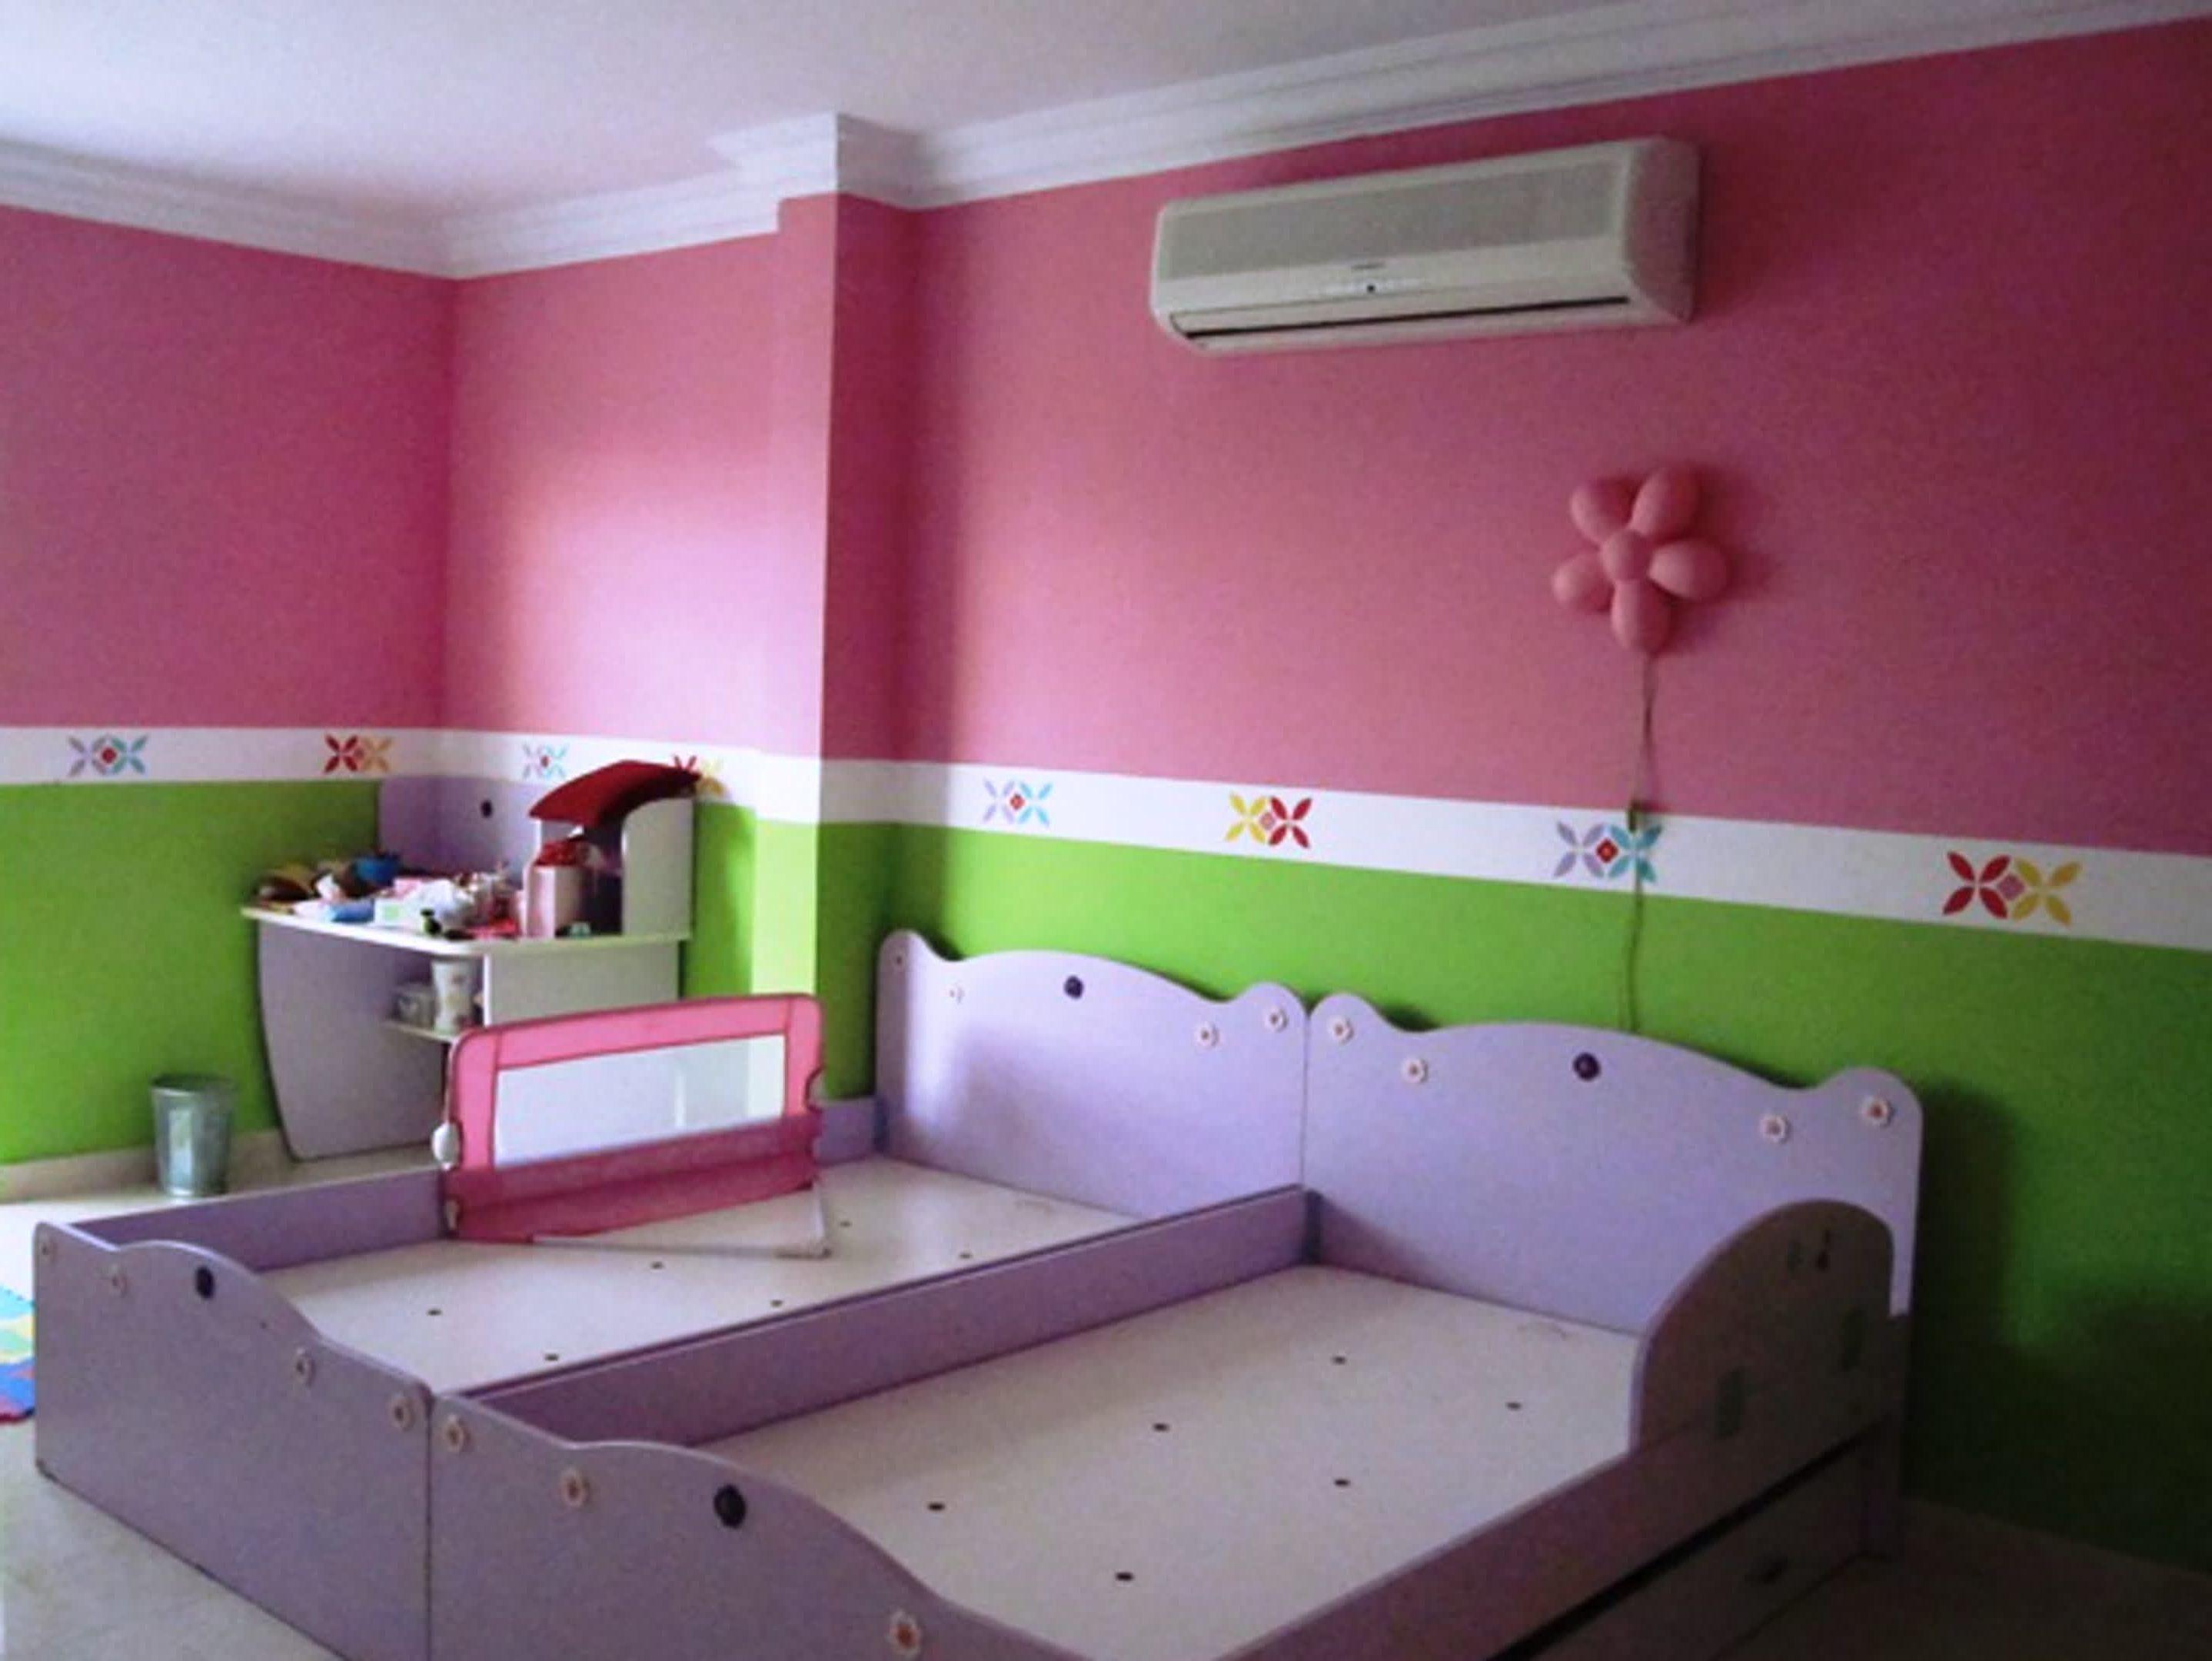 Malen Ideen Für Mädchen Schlafzimmer Lila Farbe Bedeckt